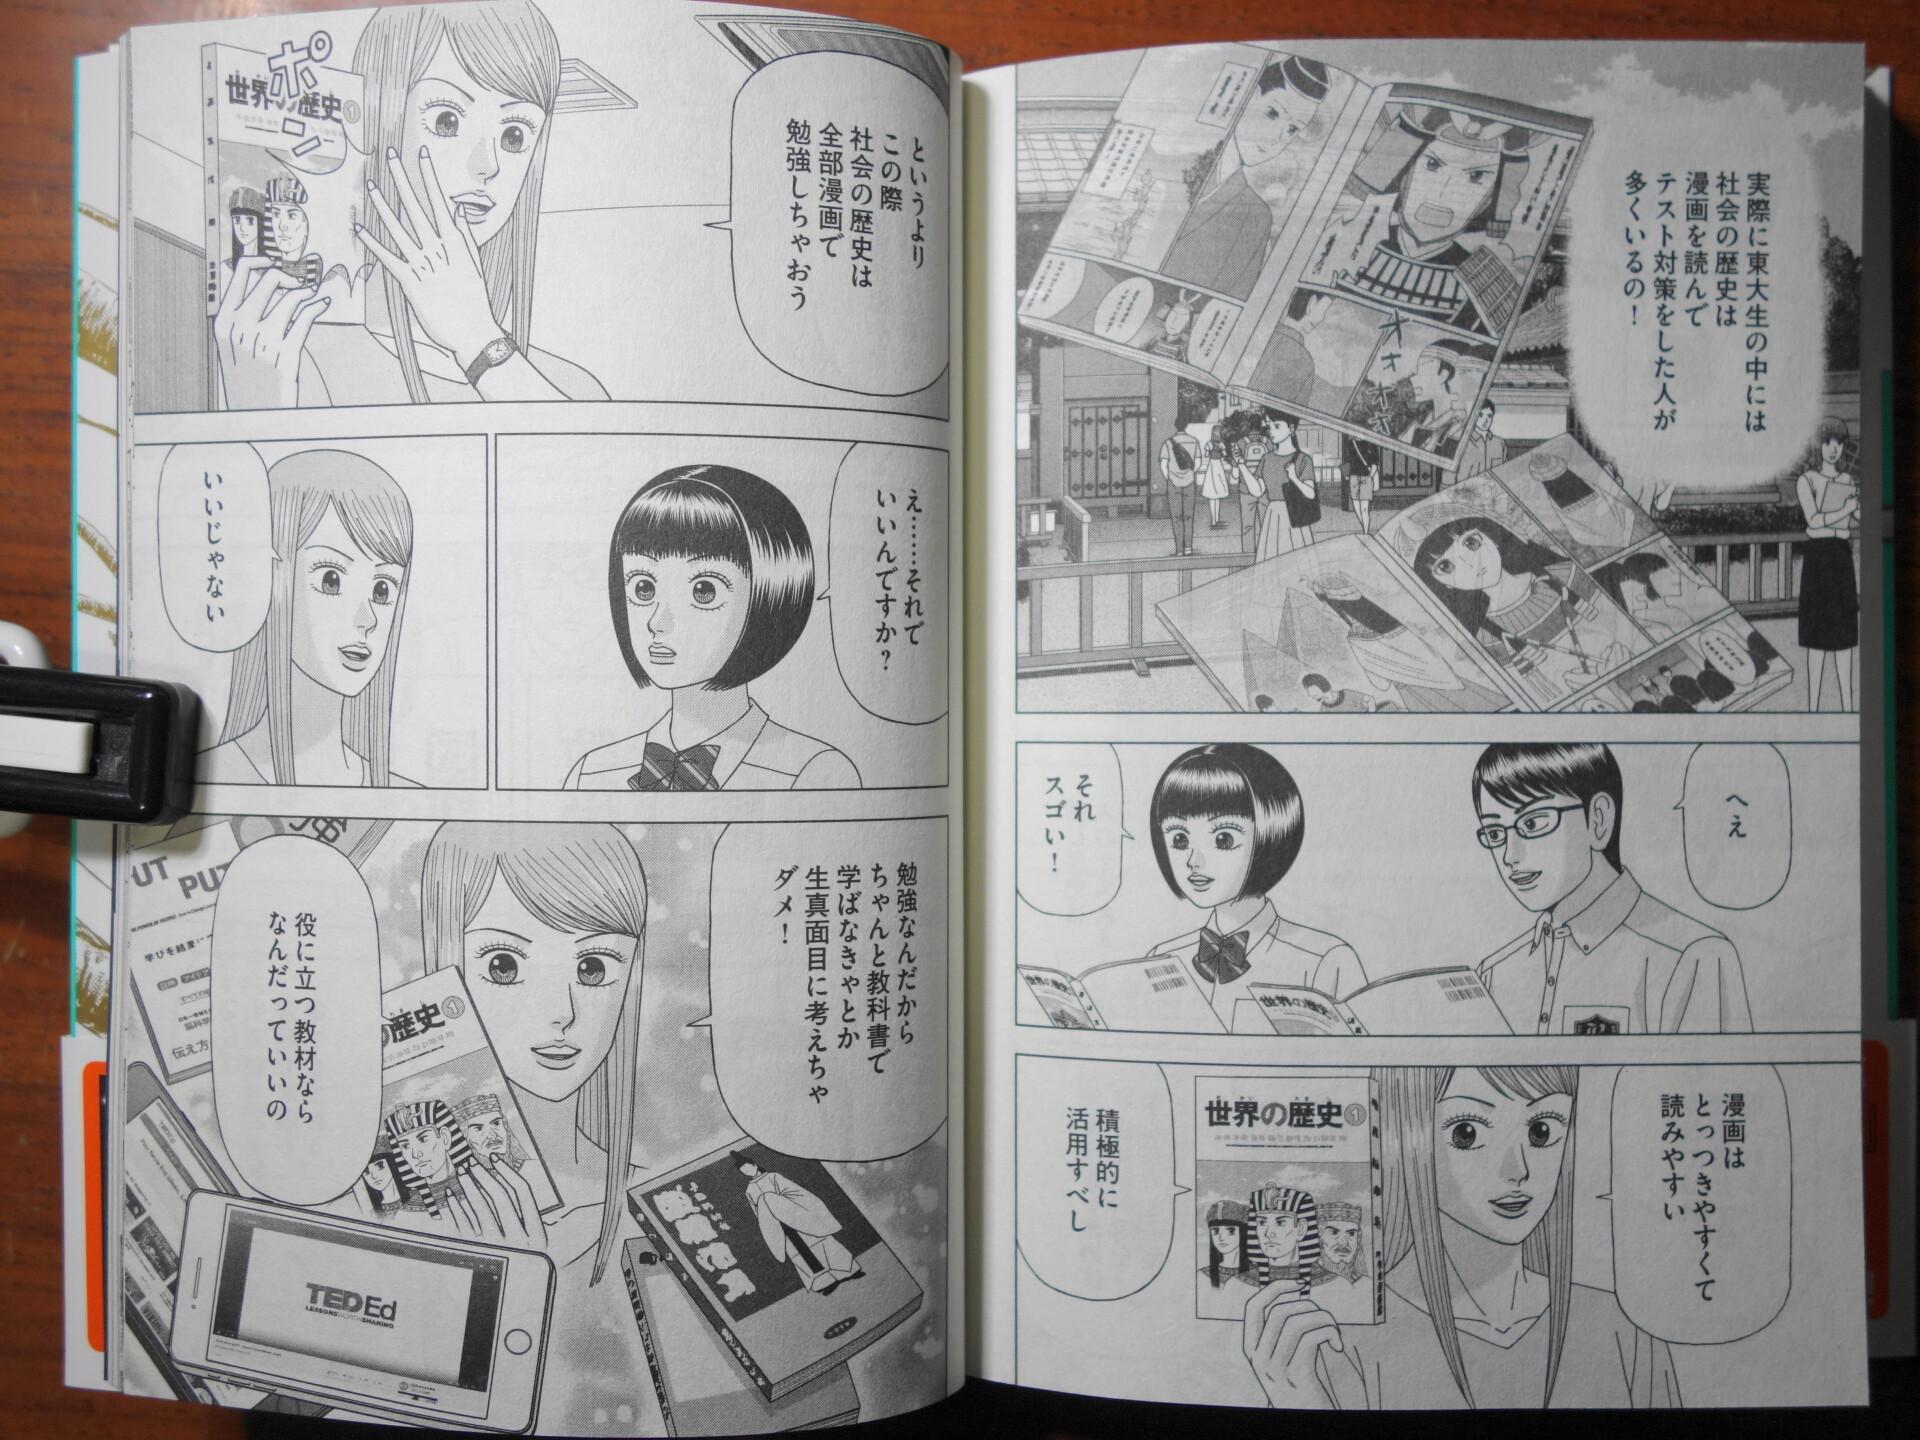 ドラゴン桜2第12巻と歴史漫画